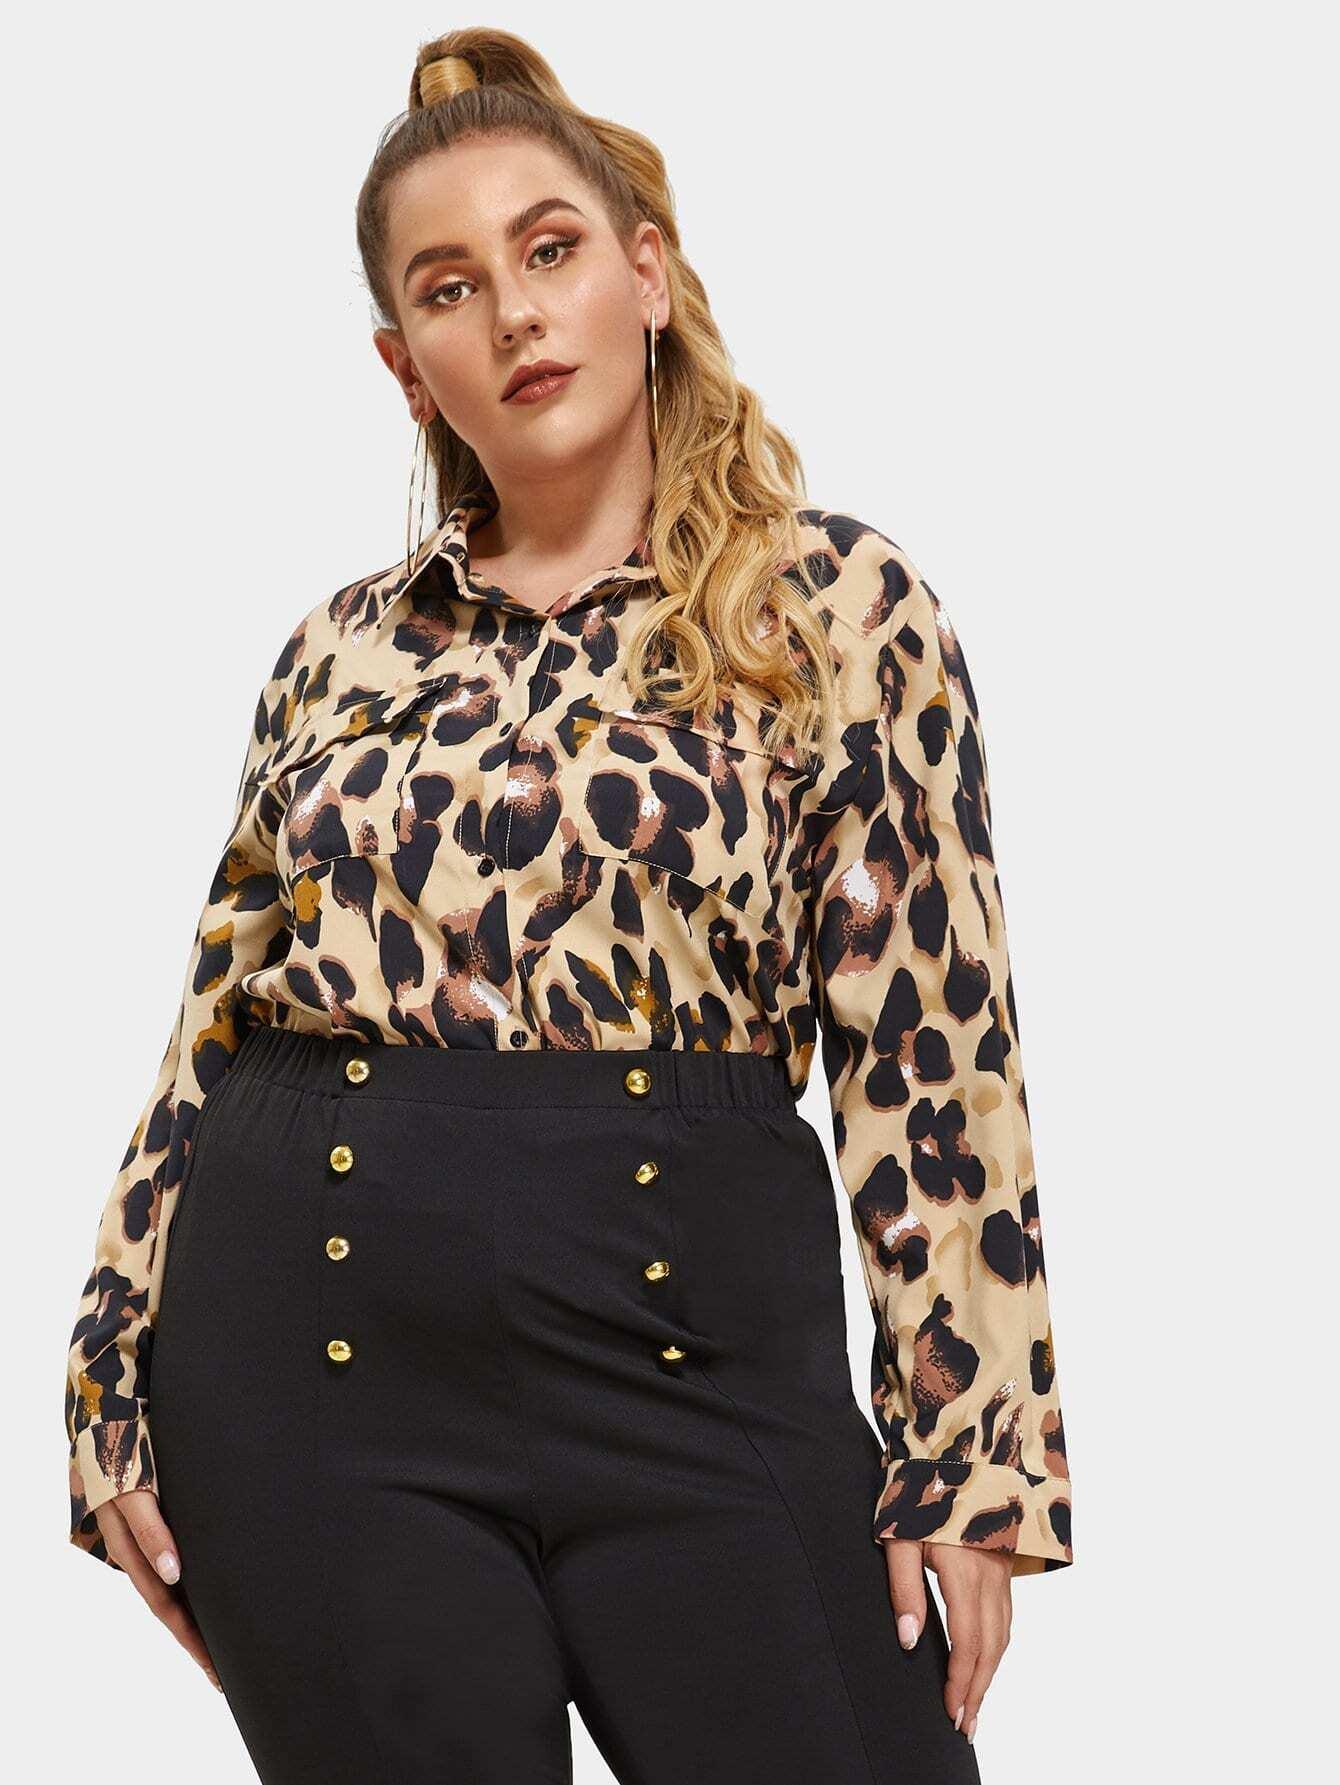 Фото - Плюс размера рубашка на пуговицах с карманом от SheIn цвет многихцветные